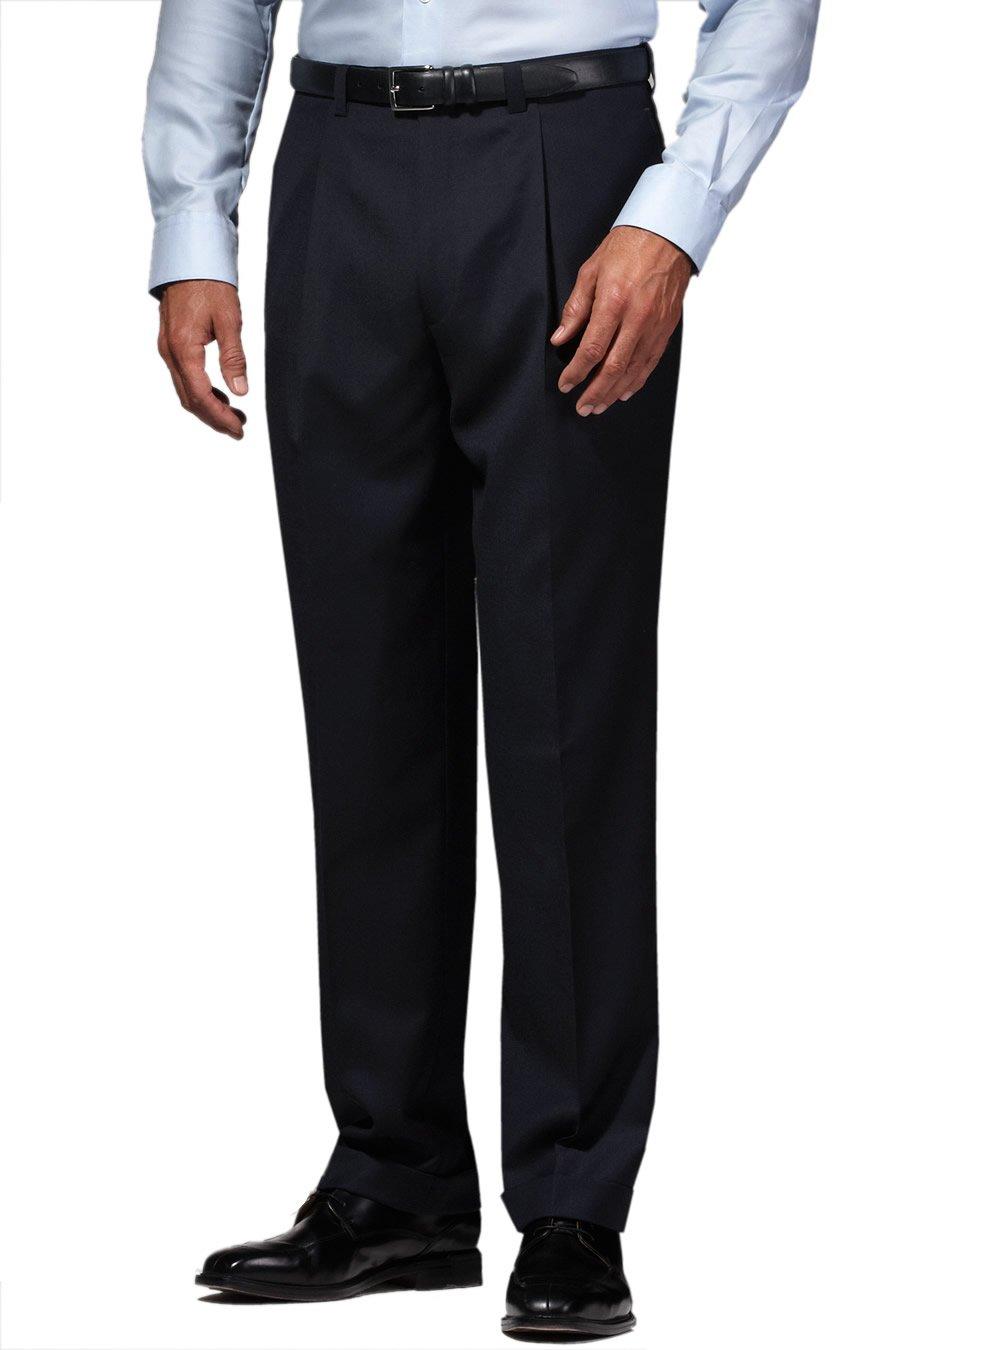 Suit Dress Pants Separates Slacks Pleated Trouser Charcoal (38W x 32L, Charcoal)